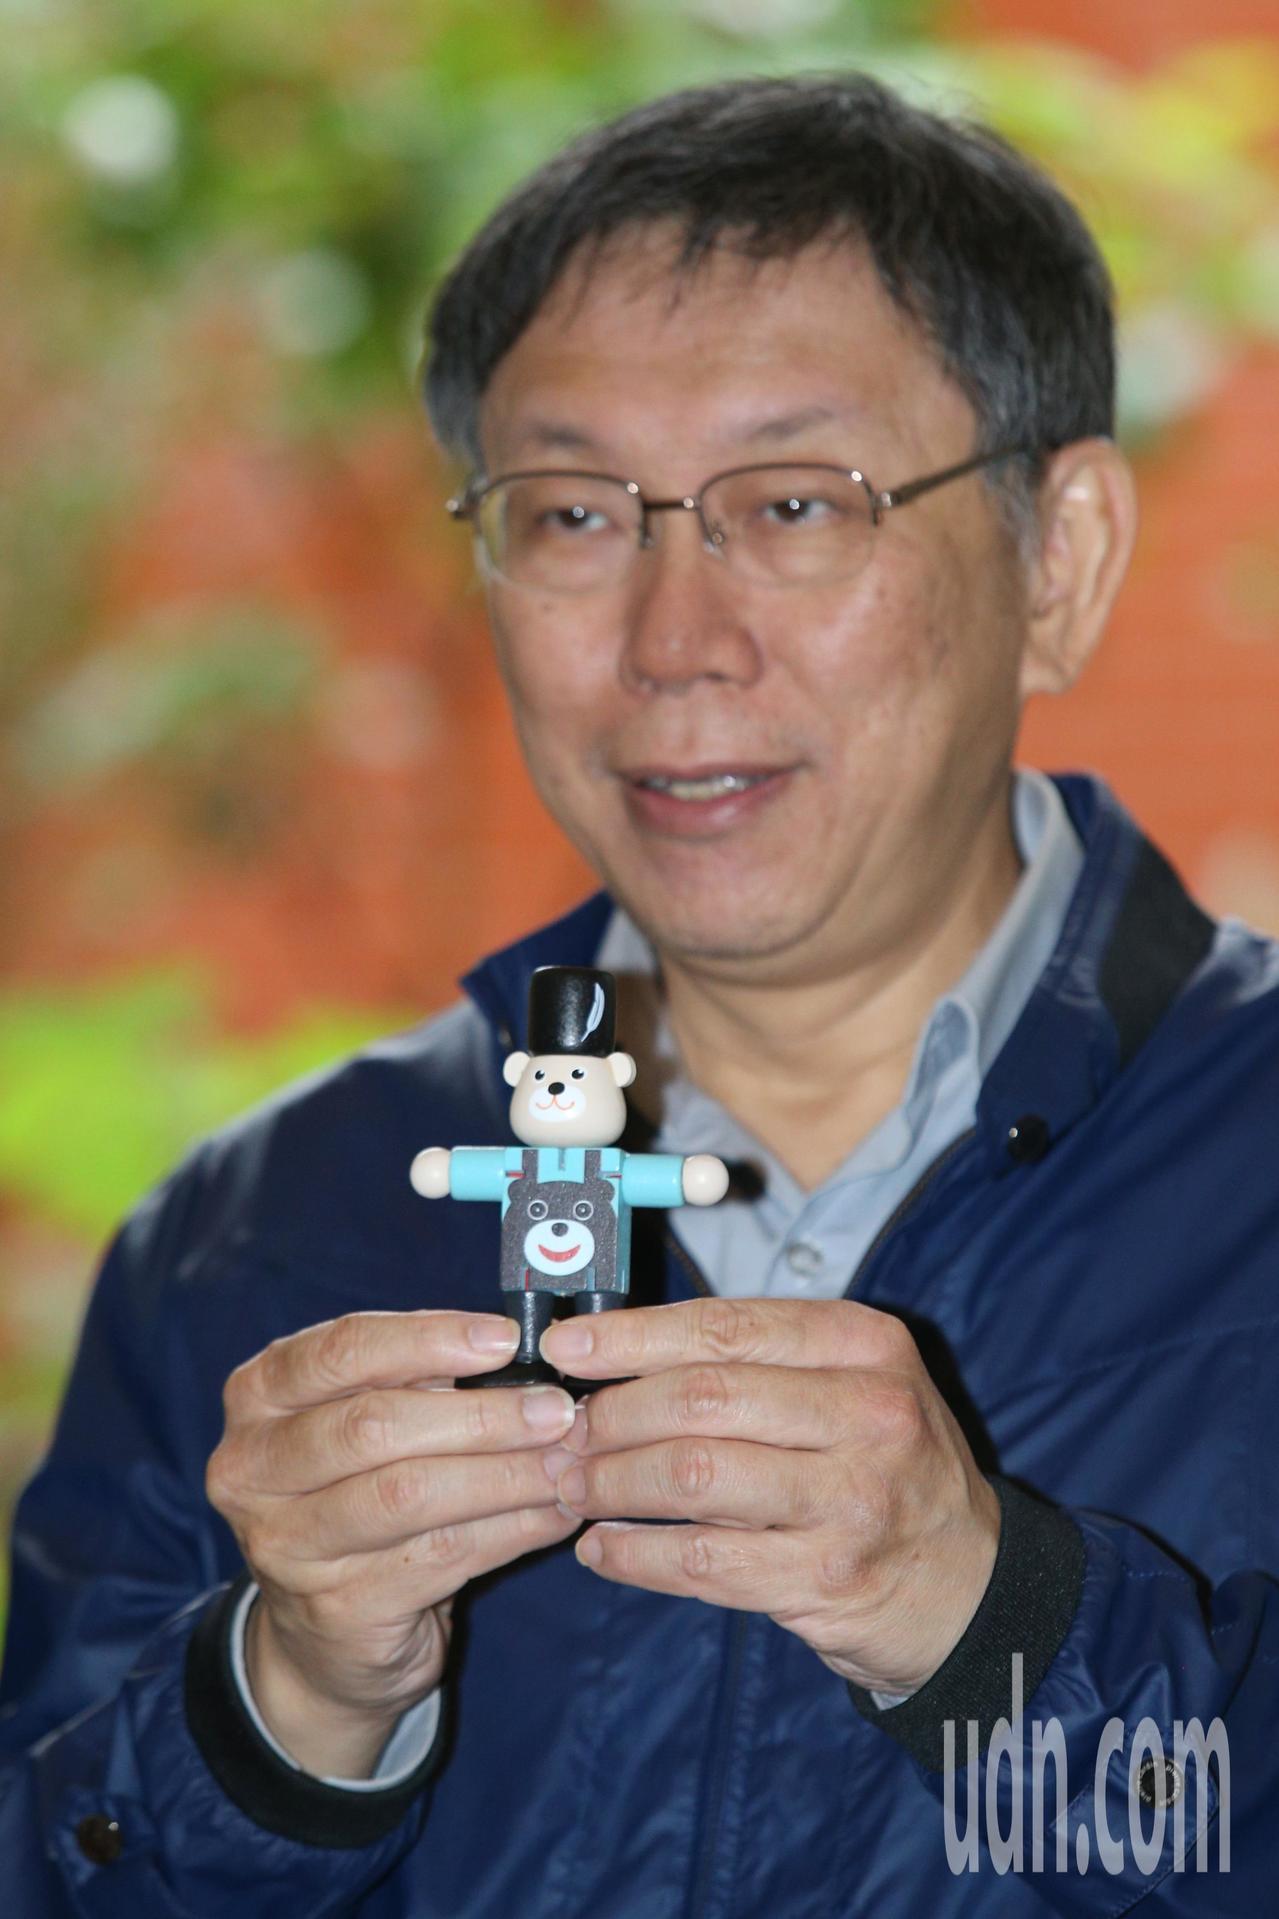 台北市長柯文哲下午宣傳「台北COOL耶誕」活動,整合本市百貨體系與特色商圈,邀請...